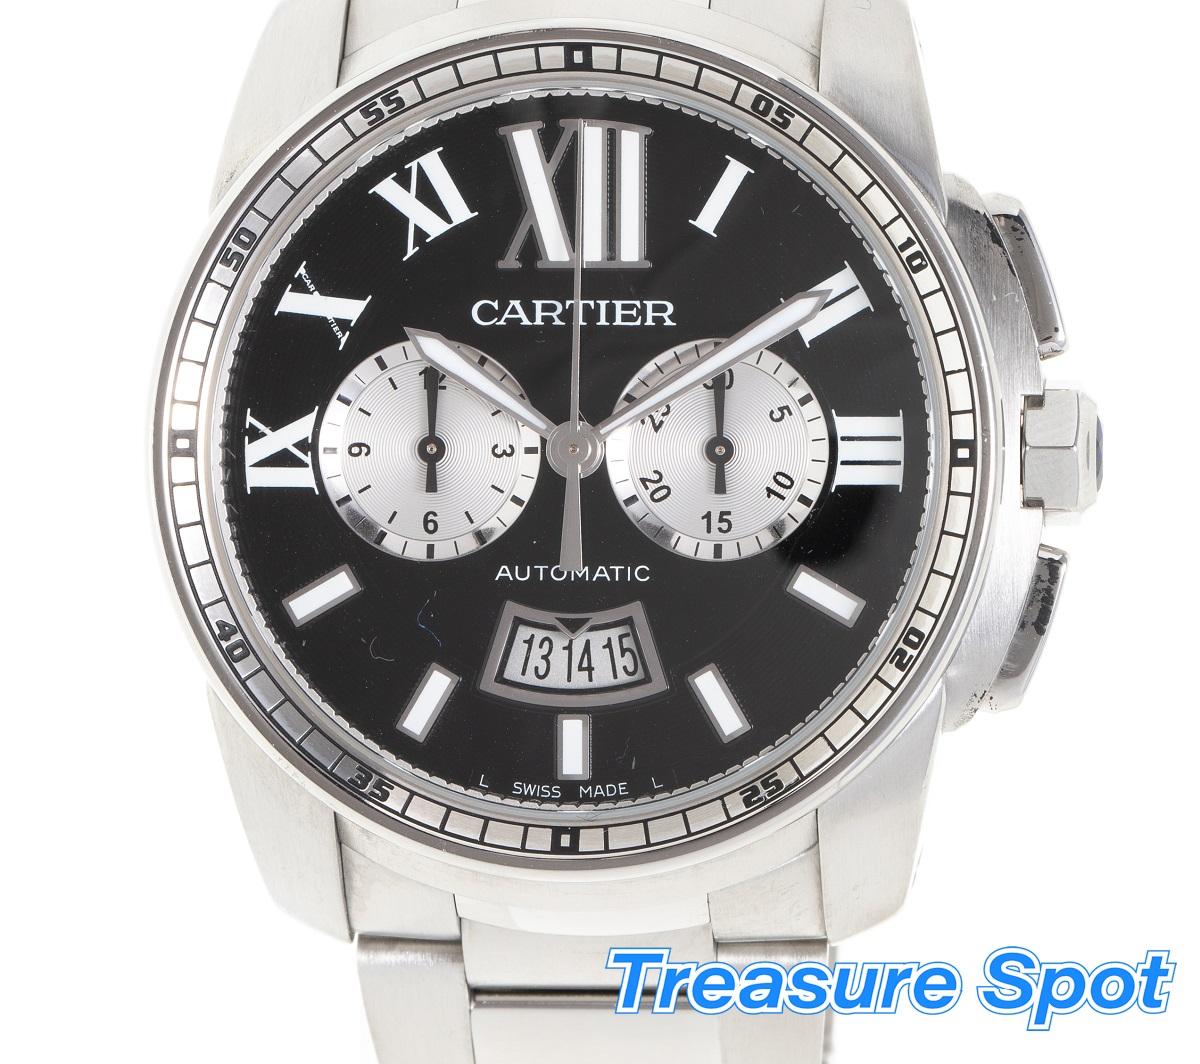 カルティエ Cartier カリブルドゥ クロノグラフ W7100061 SS ステンレス AT 自動巻き メンズ 腕時計 送料無料 【トレジャースポット】【中古】